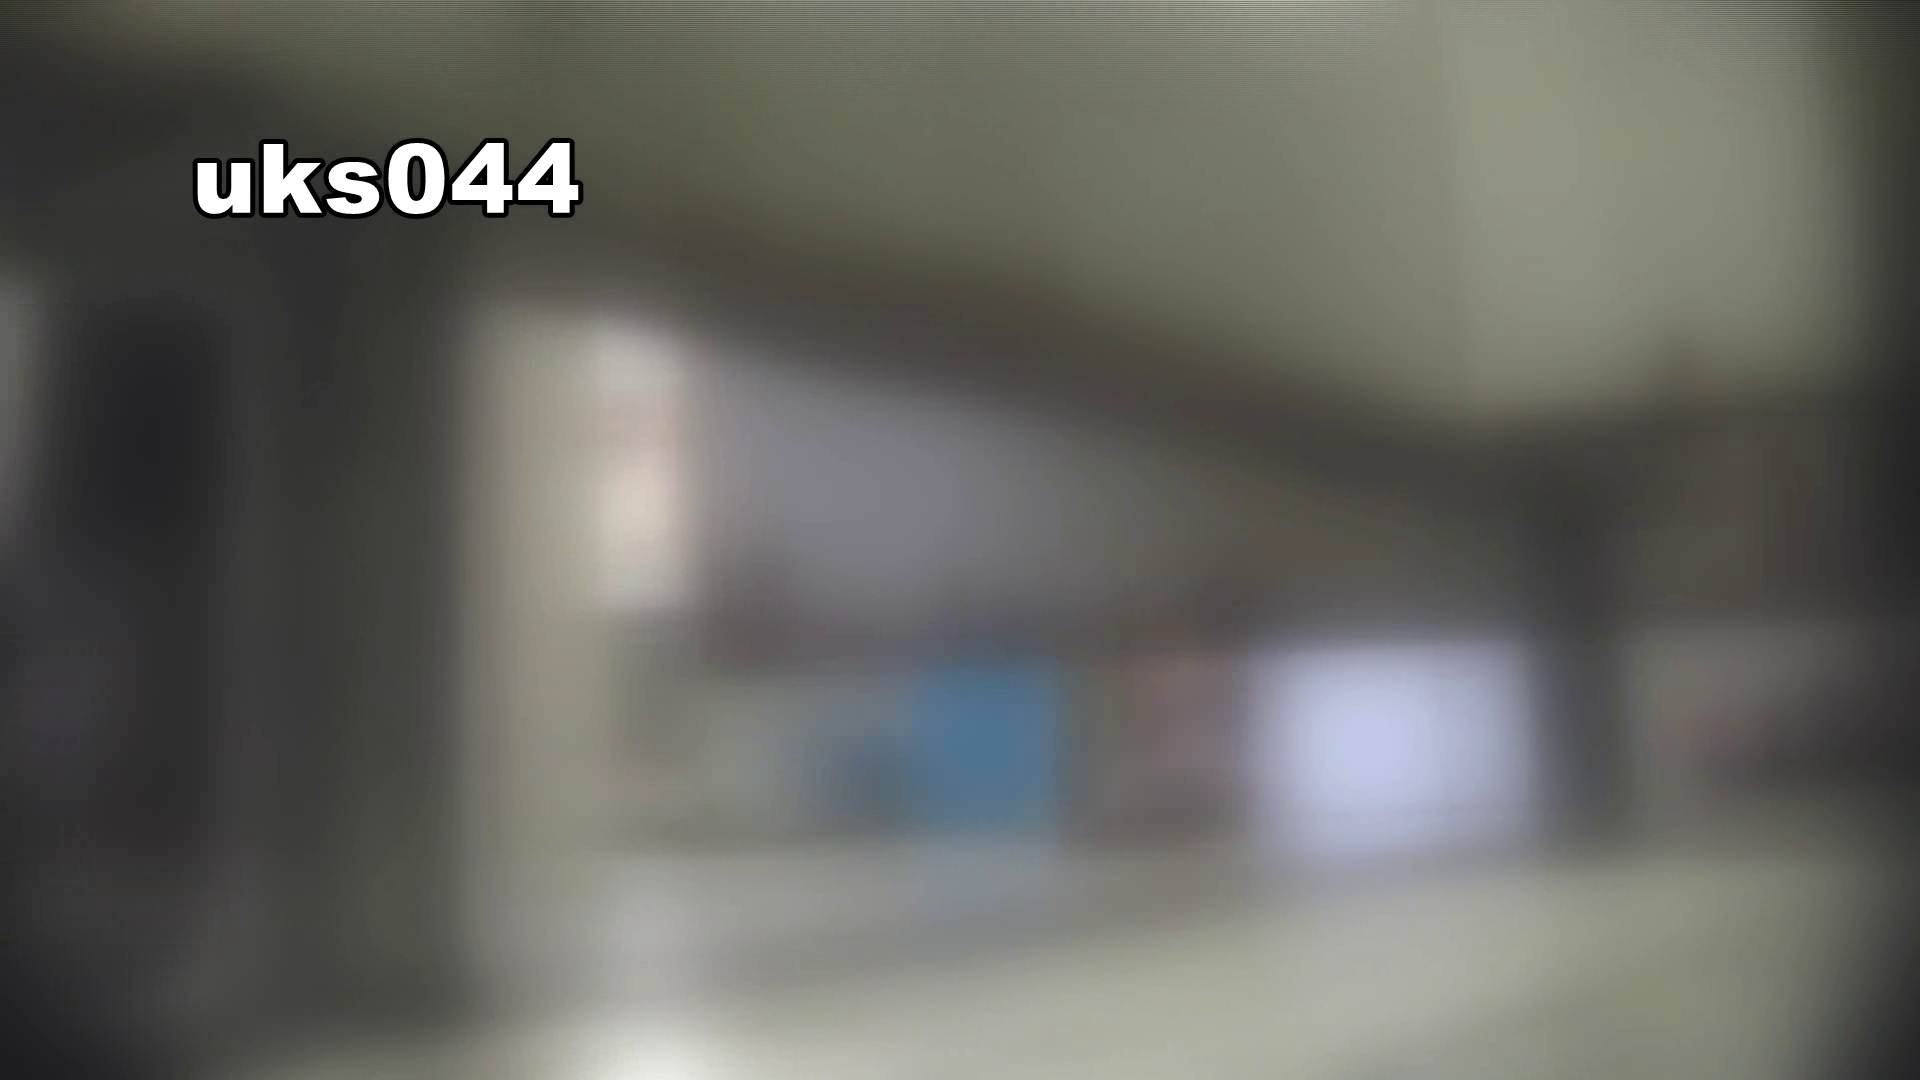 【美しき個室な世界】 vol.044 8倍くらいケツ毛バーガー 高評価 オメコ動画キャプチャ 59画像 32